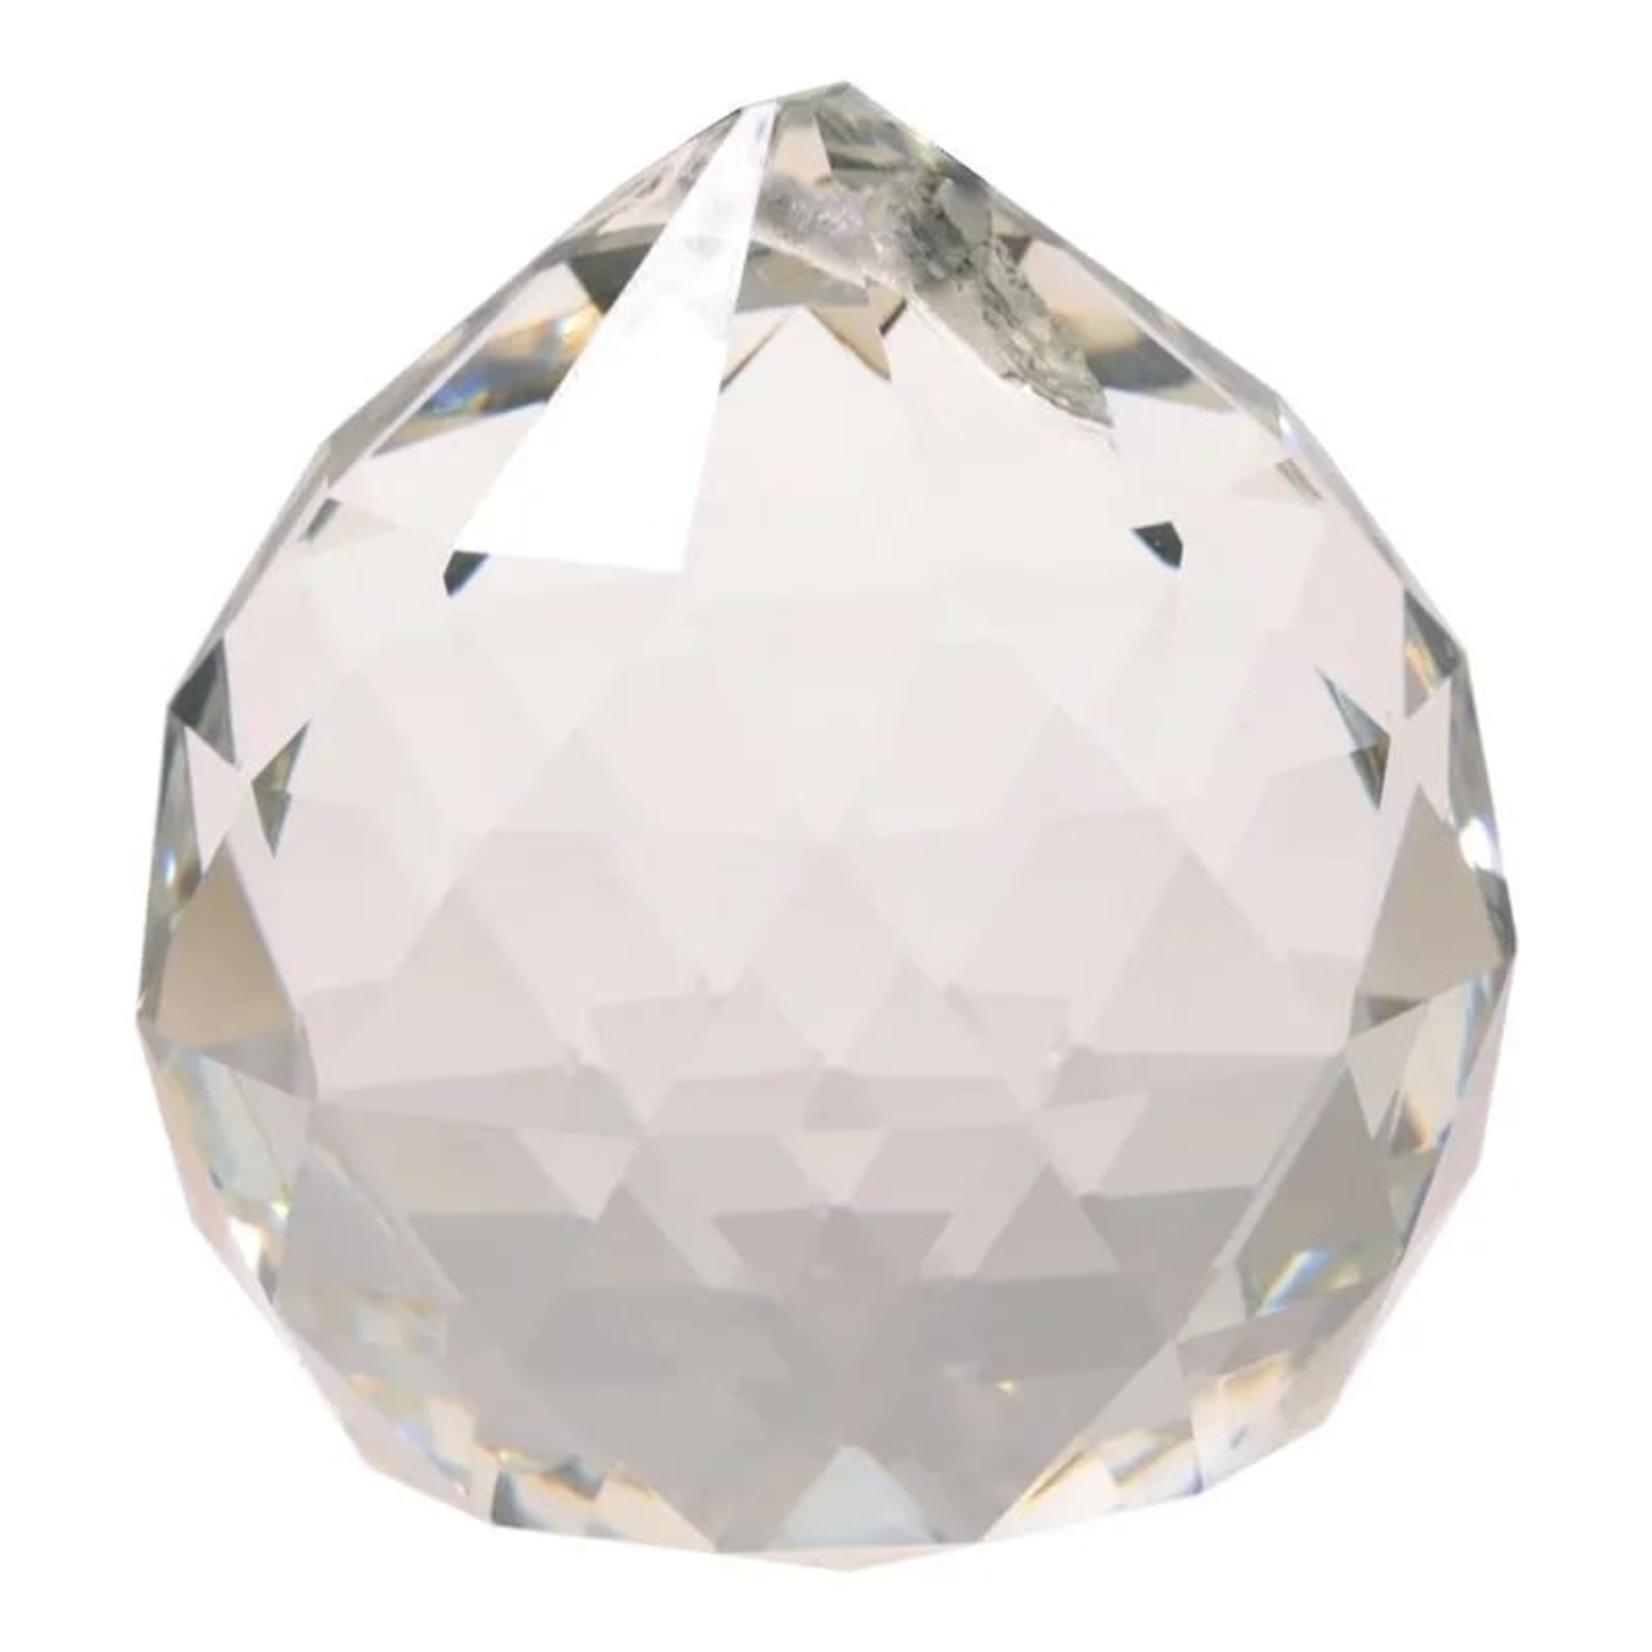 Regenboogkristal - verandert de energie 3cm